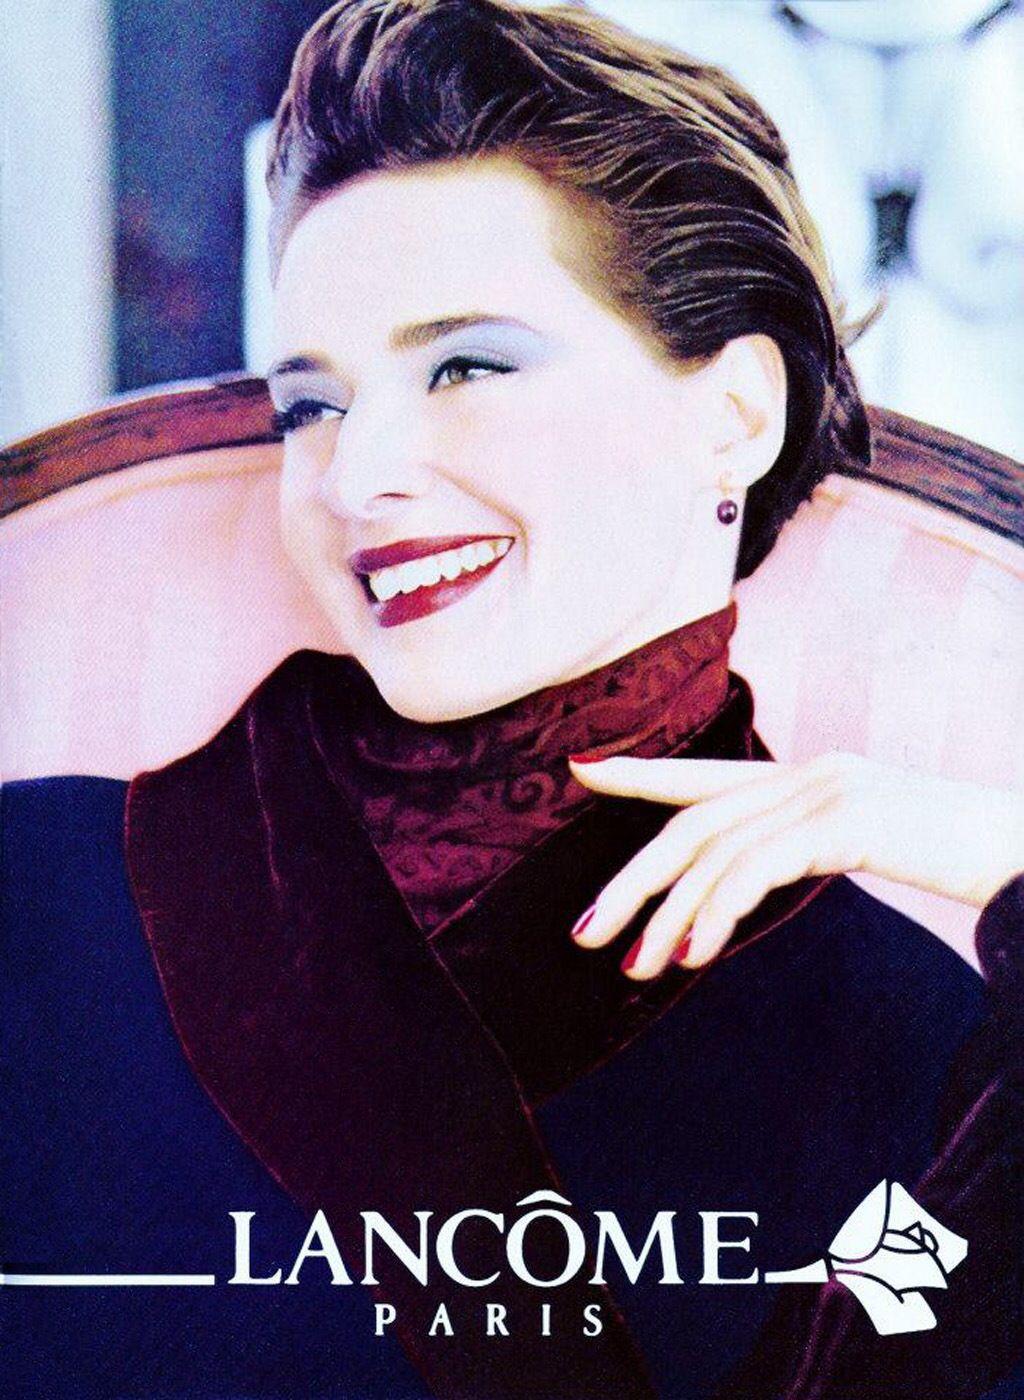 「Lancôme ads」おしゃれまとめの人気アイデア|Pinterest|Jeannie Karlsen